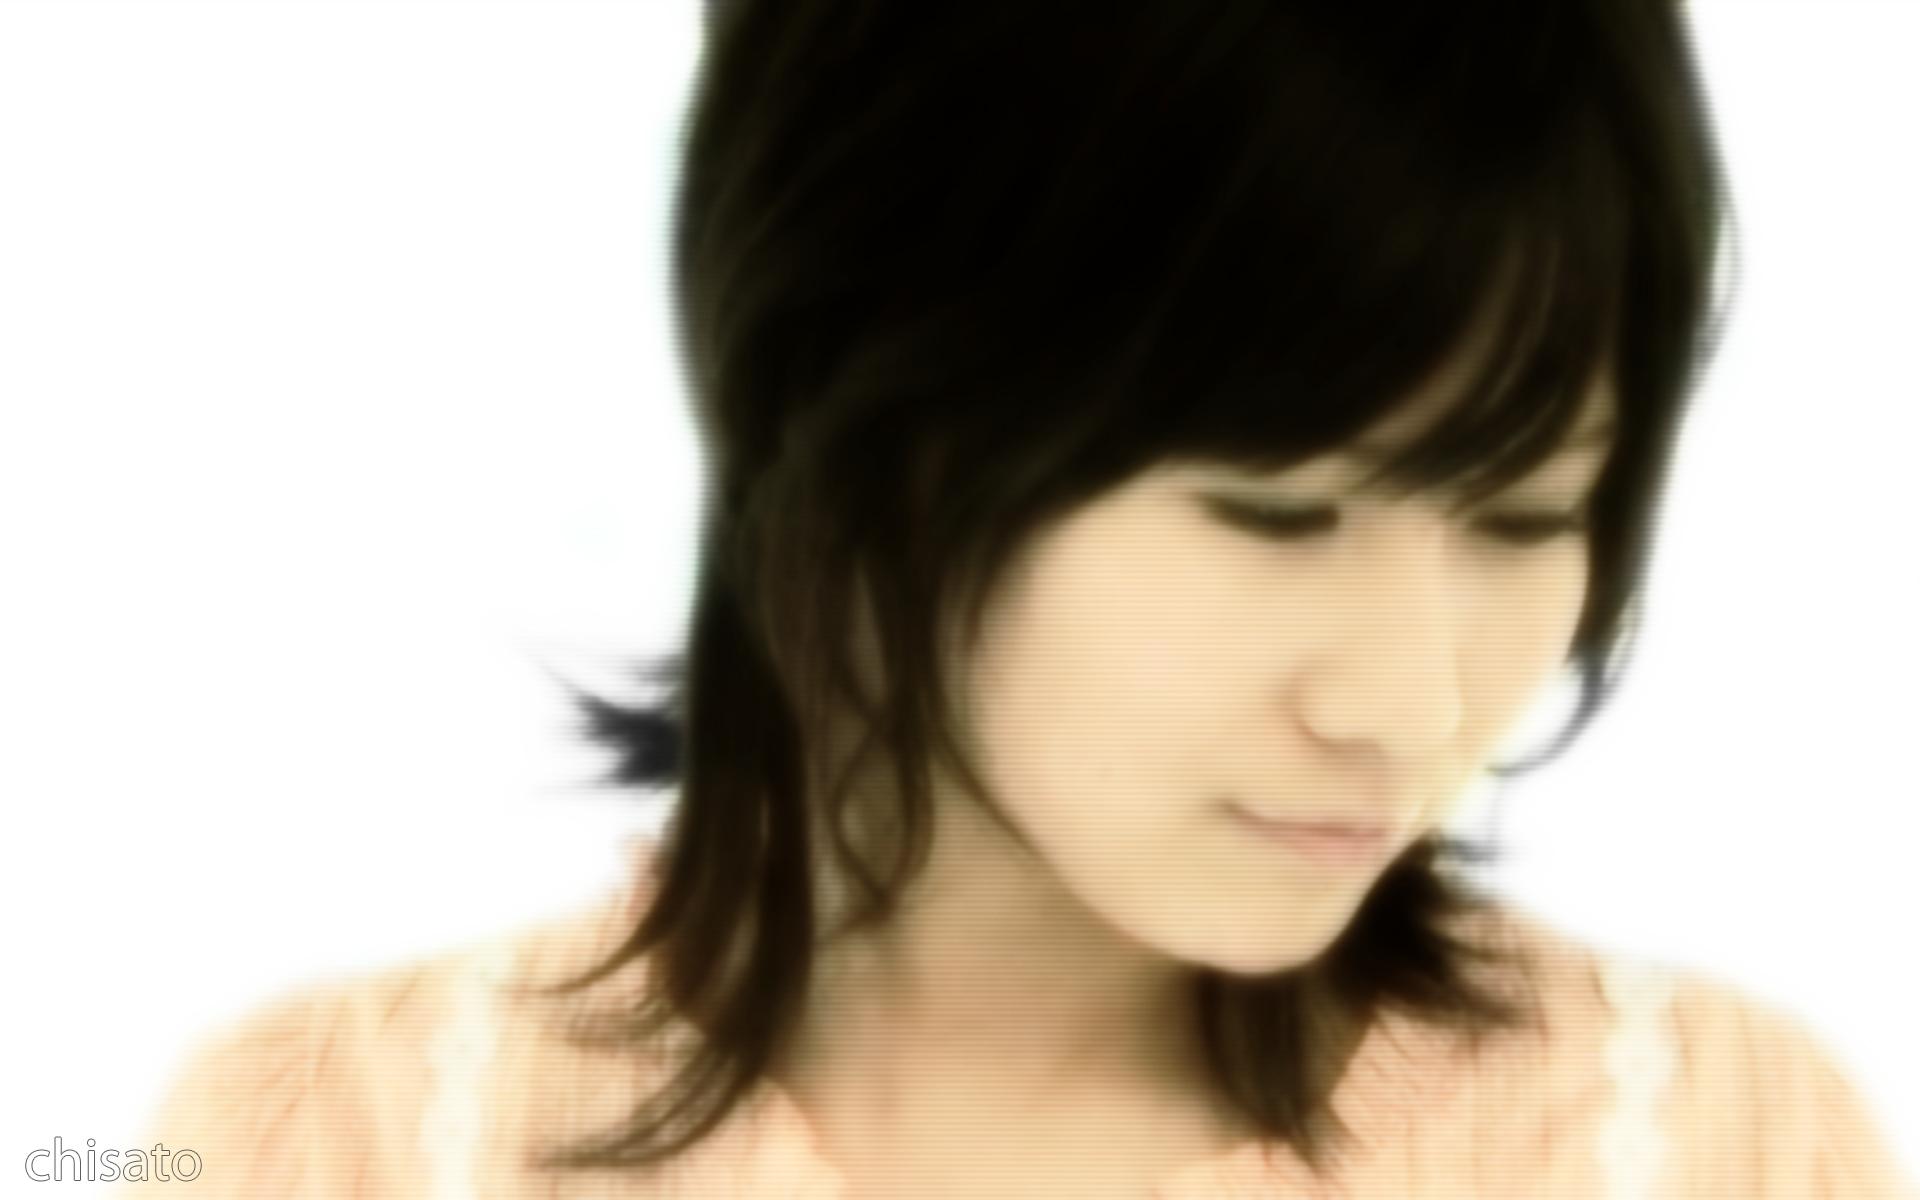 Chisato - ~in still life~